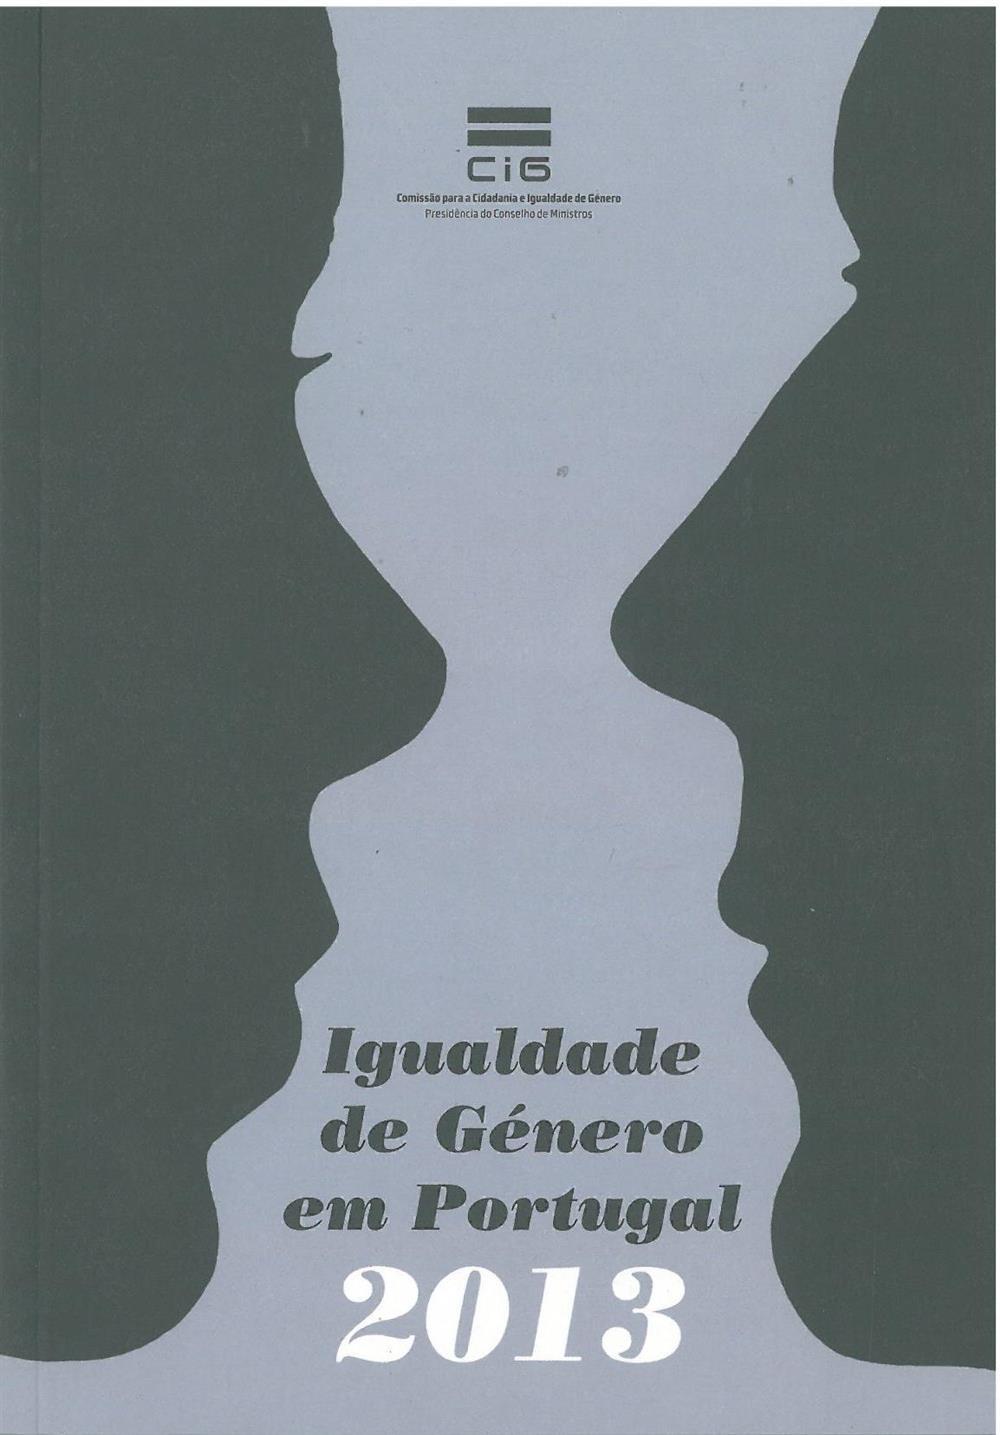 Igualdade de Género em Portugal 2013_.jpg